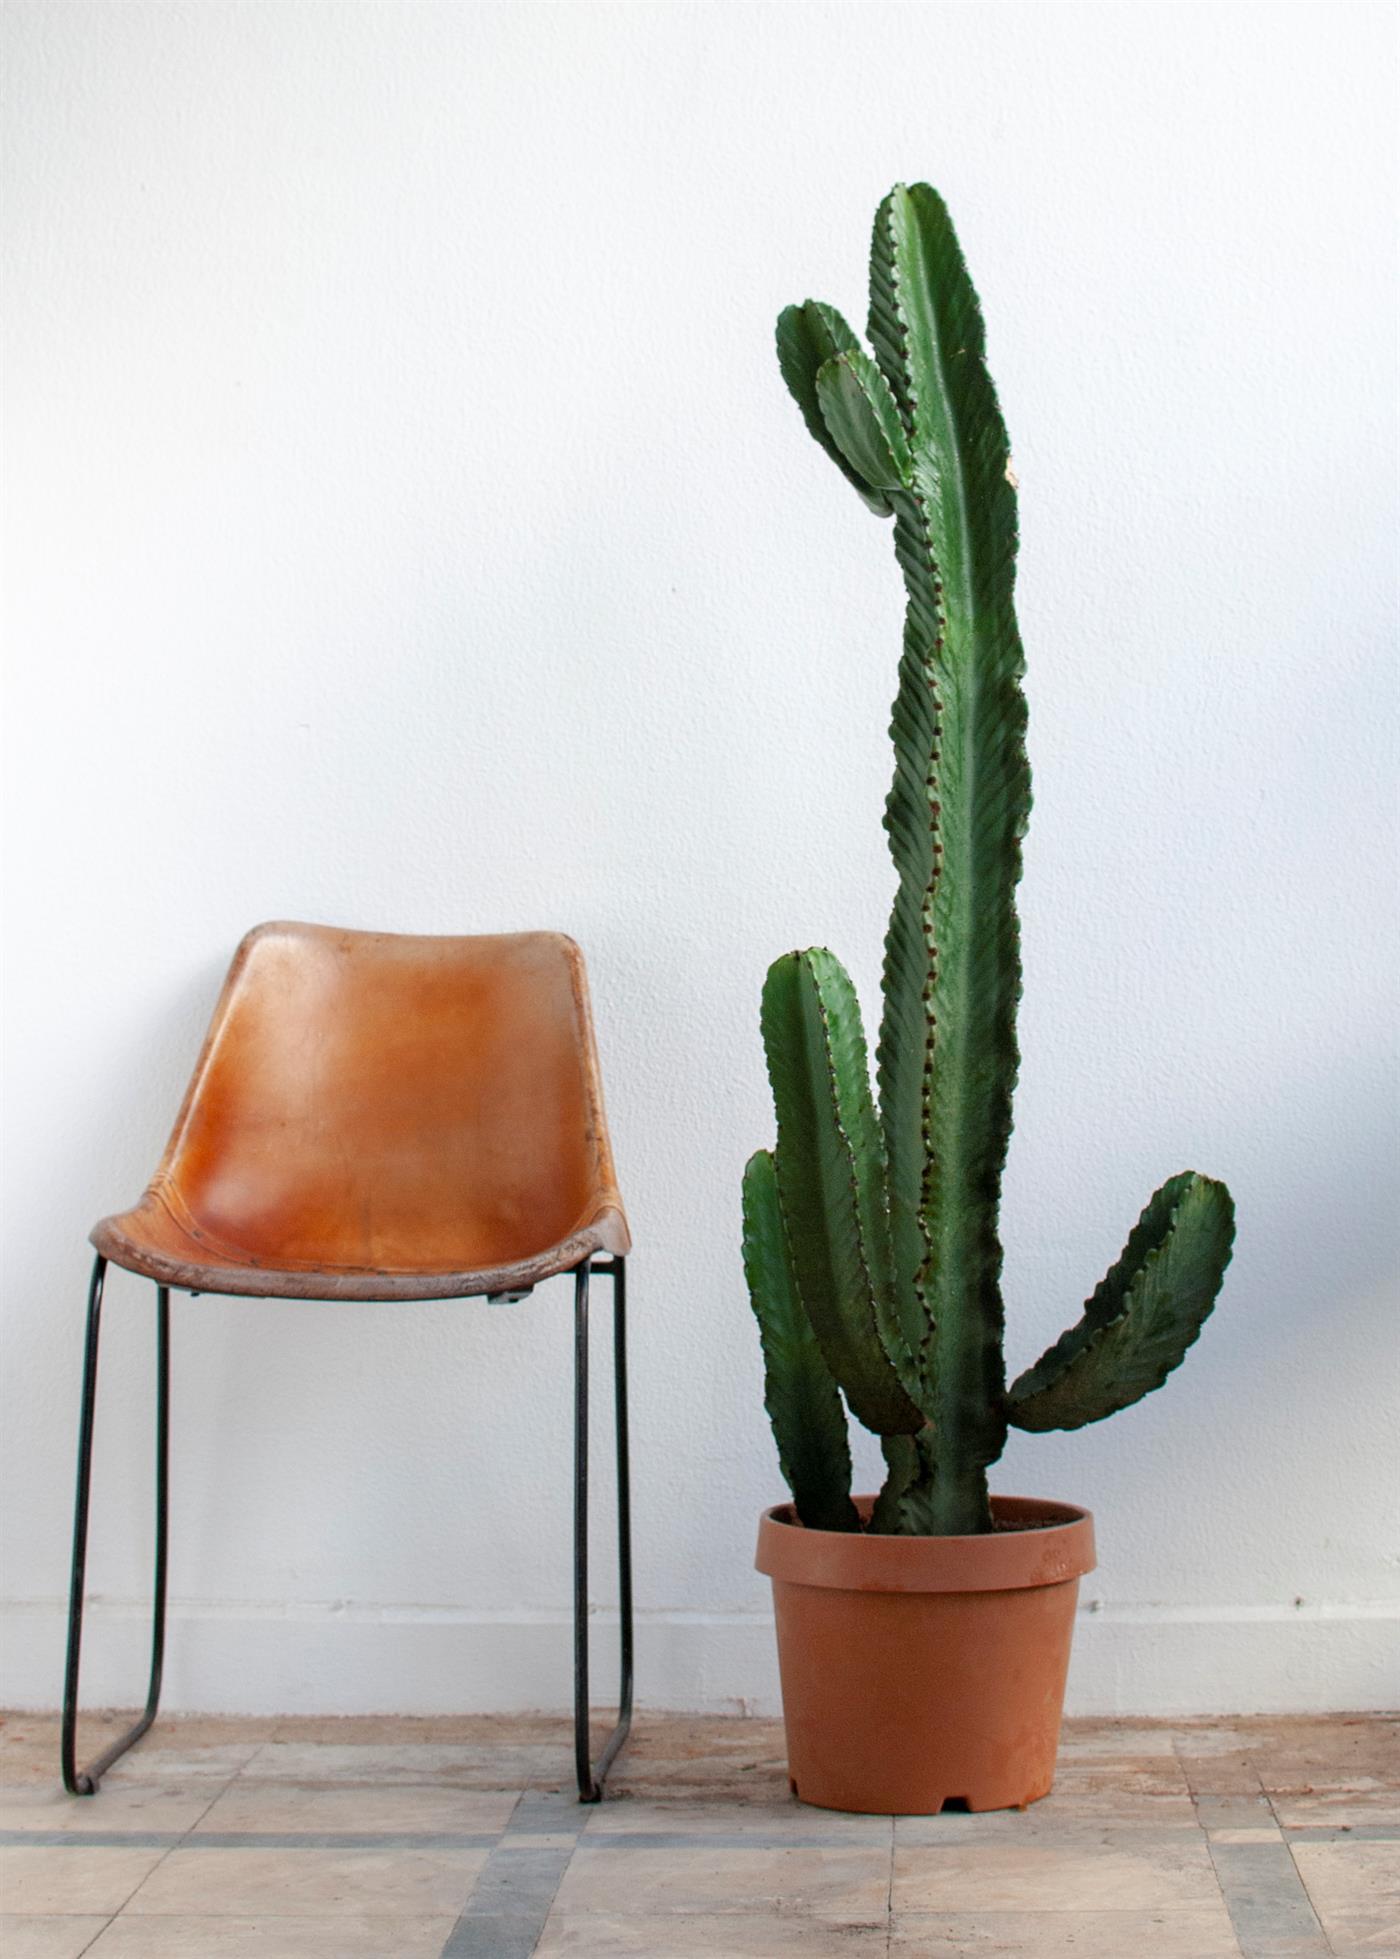 Si el espacio no tiene mucha luz, los cactus y las suculentas son buenas opciones, dice Márcio Orsi da Silva